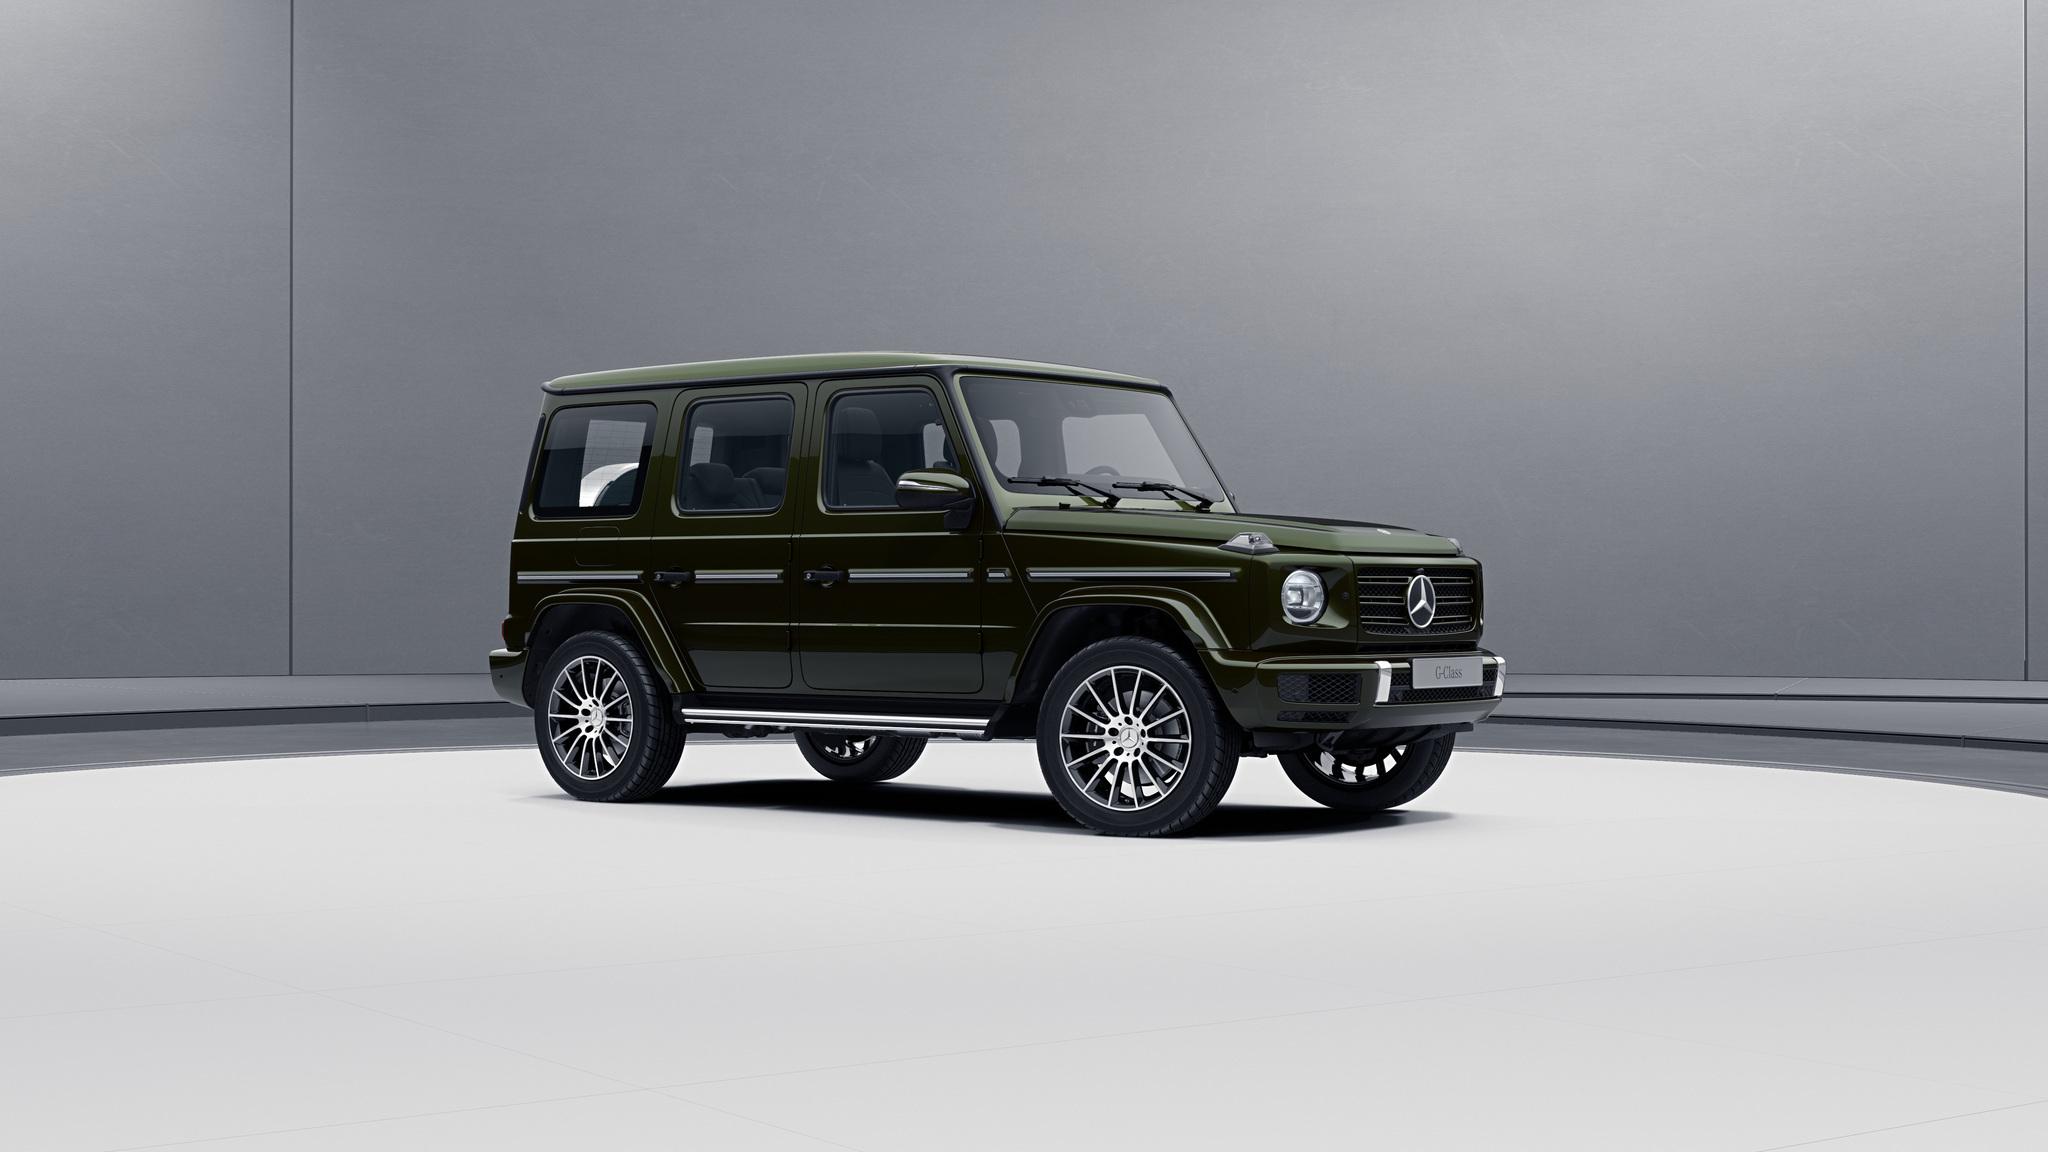 Vue de trois quarts de profil de la Mercedes-Benz classe G avec la peinture métallisé - Olive métallisé G manufaktur